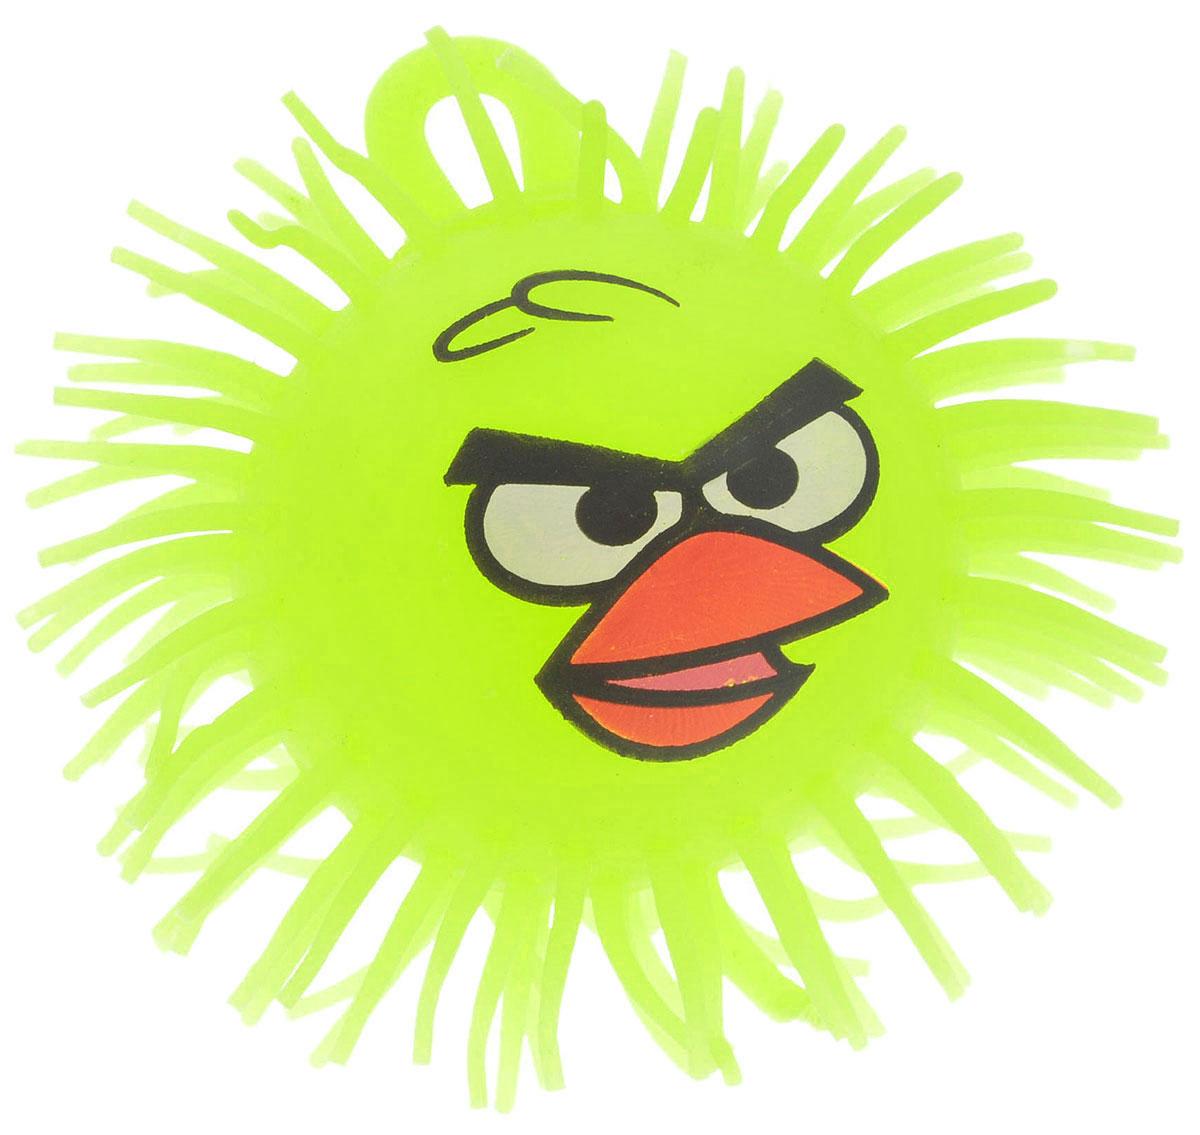 1TOY Игрушка-антистресс Ё-Ёжик Злая птичка цвет желтый диаметр 12 смТ66_желтыйЁ-Ёжик - это яркая игрушка-антистресс - мягкая, приятная на ощупь и напоминающая свернувшегося ежика. Взяв игрушку в руки, расстаться с ней просто невозможно! Ее не только приятно держать в руках, если перекинуть игрушку из руки в руку, она начнет мигать цветными огоньками. Игрушка ярко-желтого цвета с лицом птички из мультфильма Angry Birds и длинными мягкими колючками. Игрушка работает от незаменяемого химического источника света.